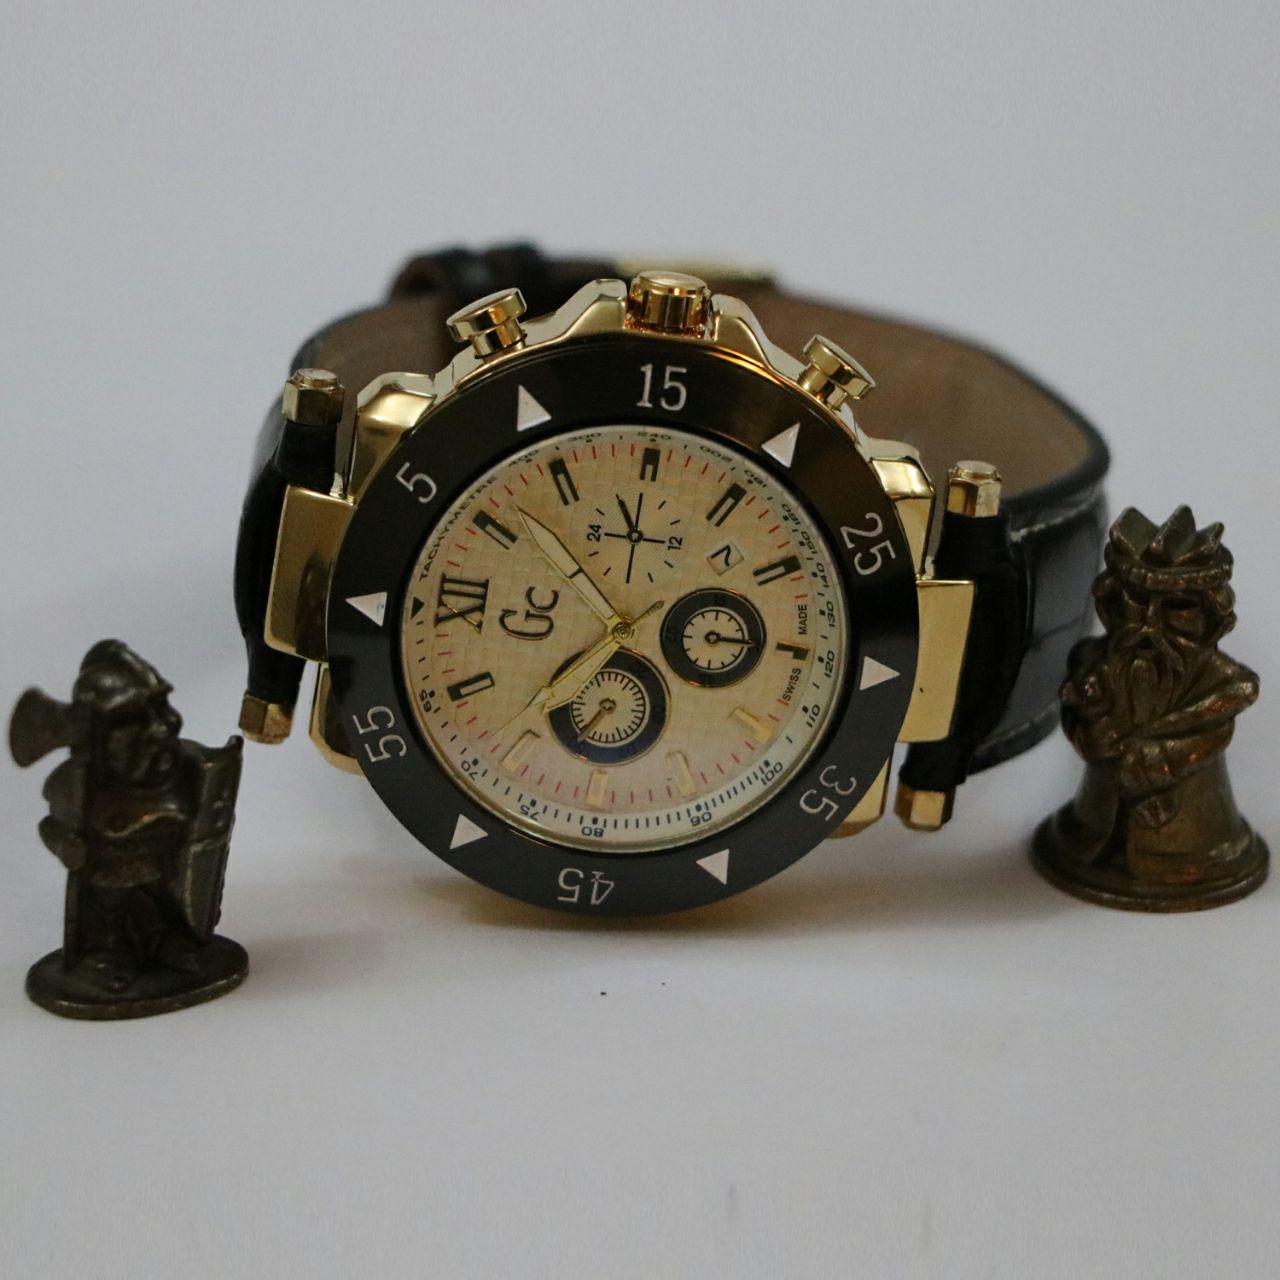 ساعت مچی عقربه ای مردانه مدل G264-04              خرید (⭐️⭐️⭐️)